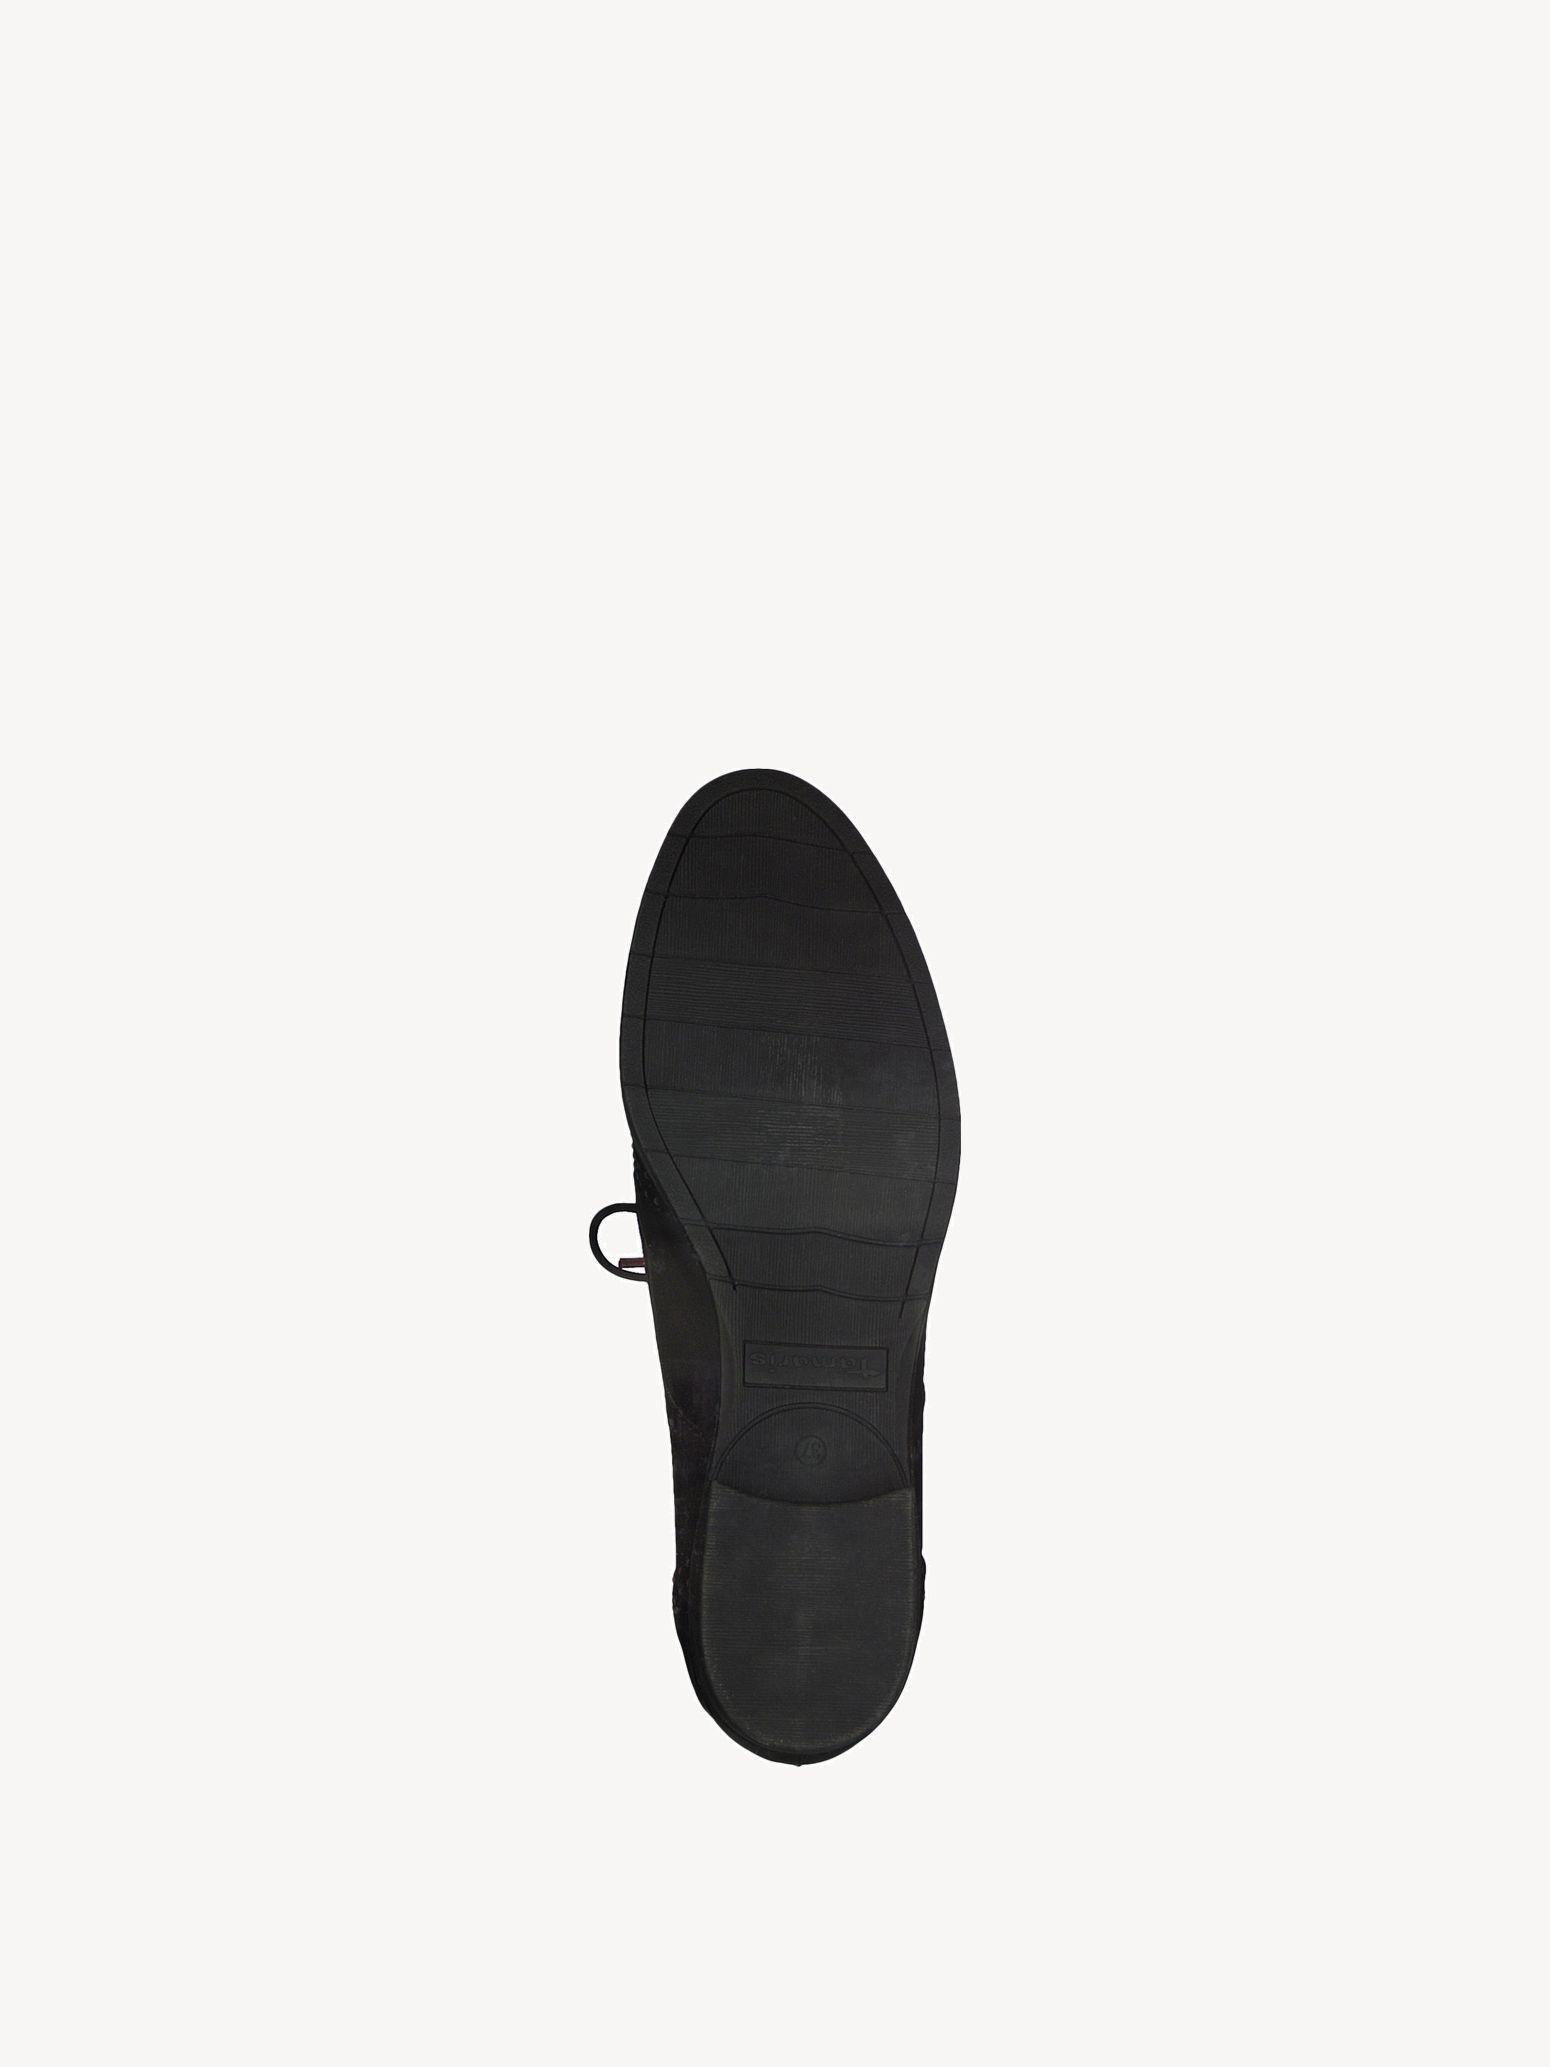 Tamaris malika 23202 noir